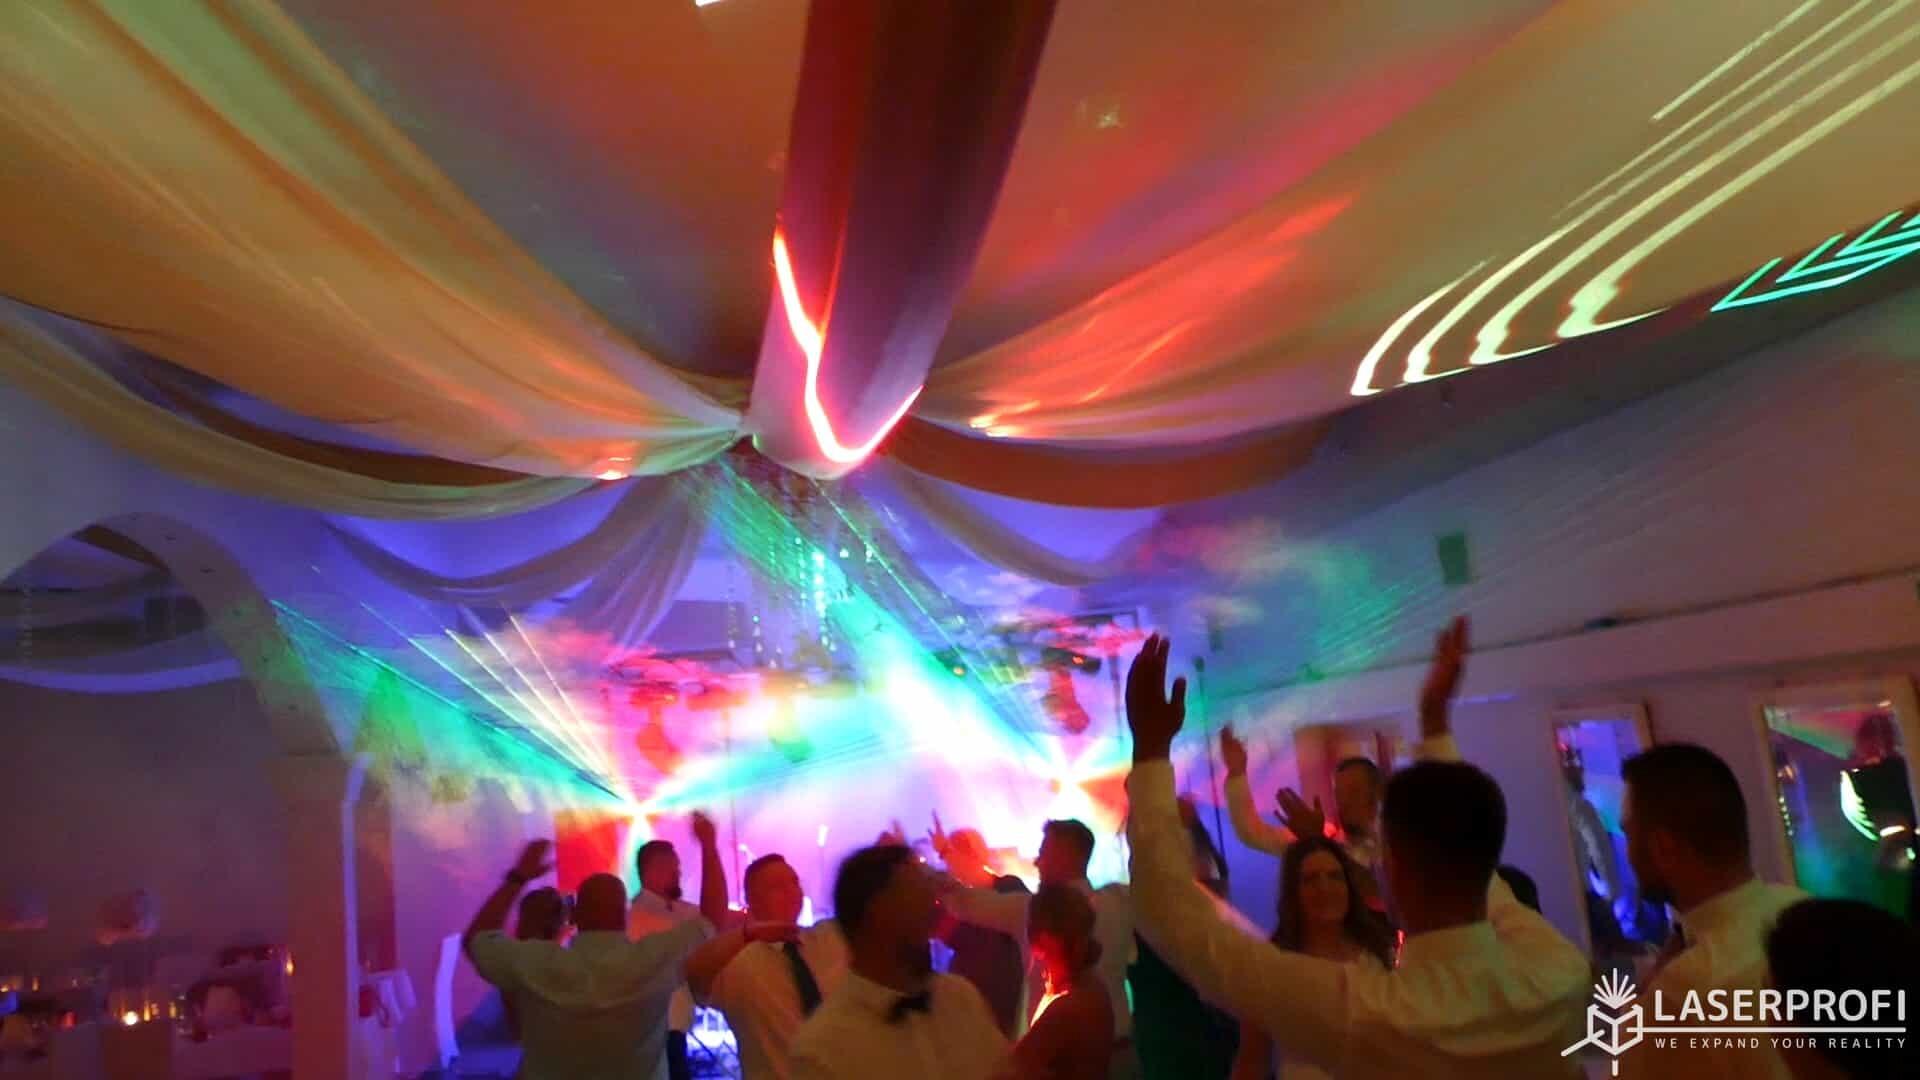 Pokaz laserowy przestrzenny na weselu czerwony tunel laserowy